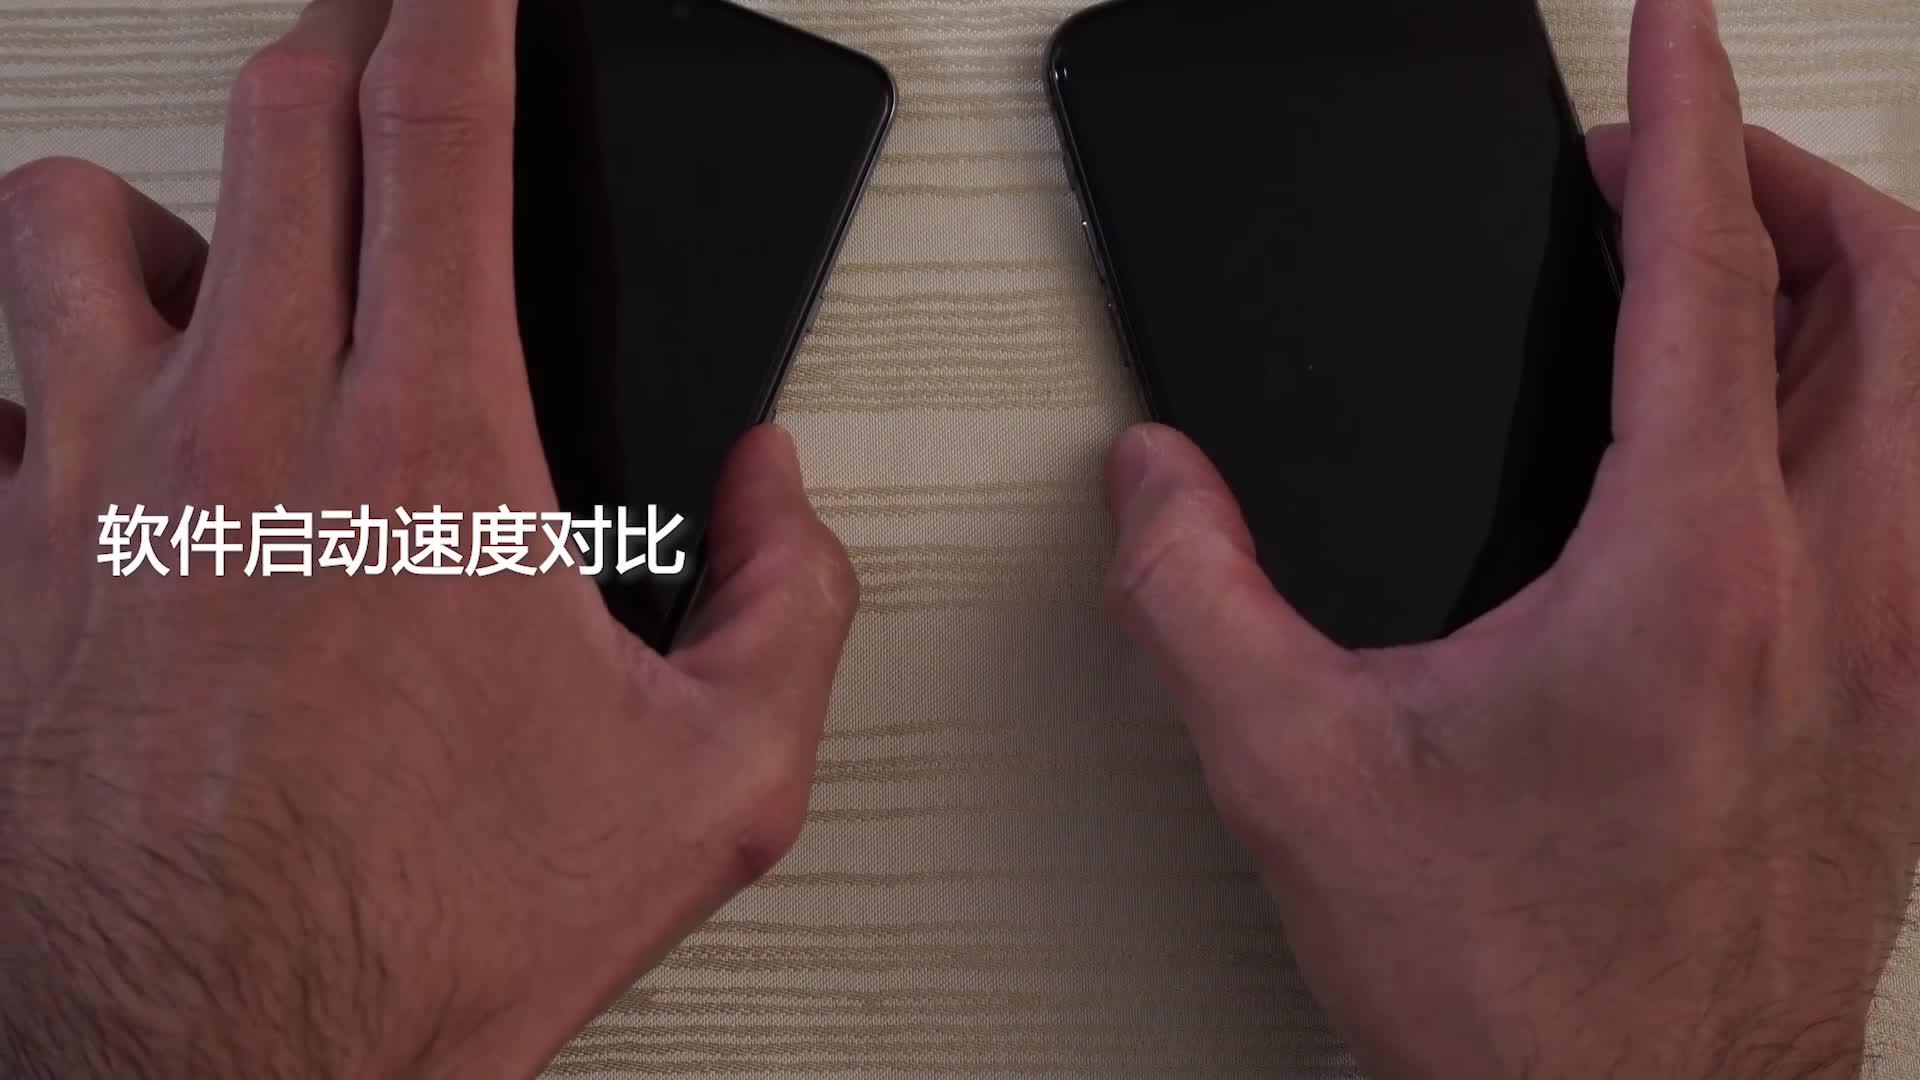 一加手机7T软件启动速度对比iPhone11Pro Max